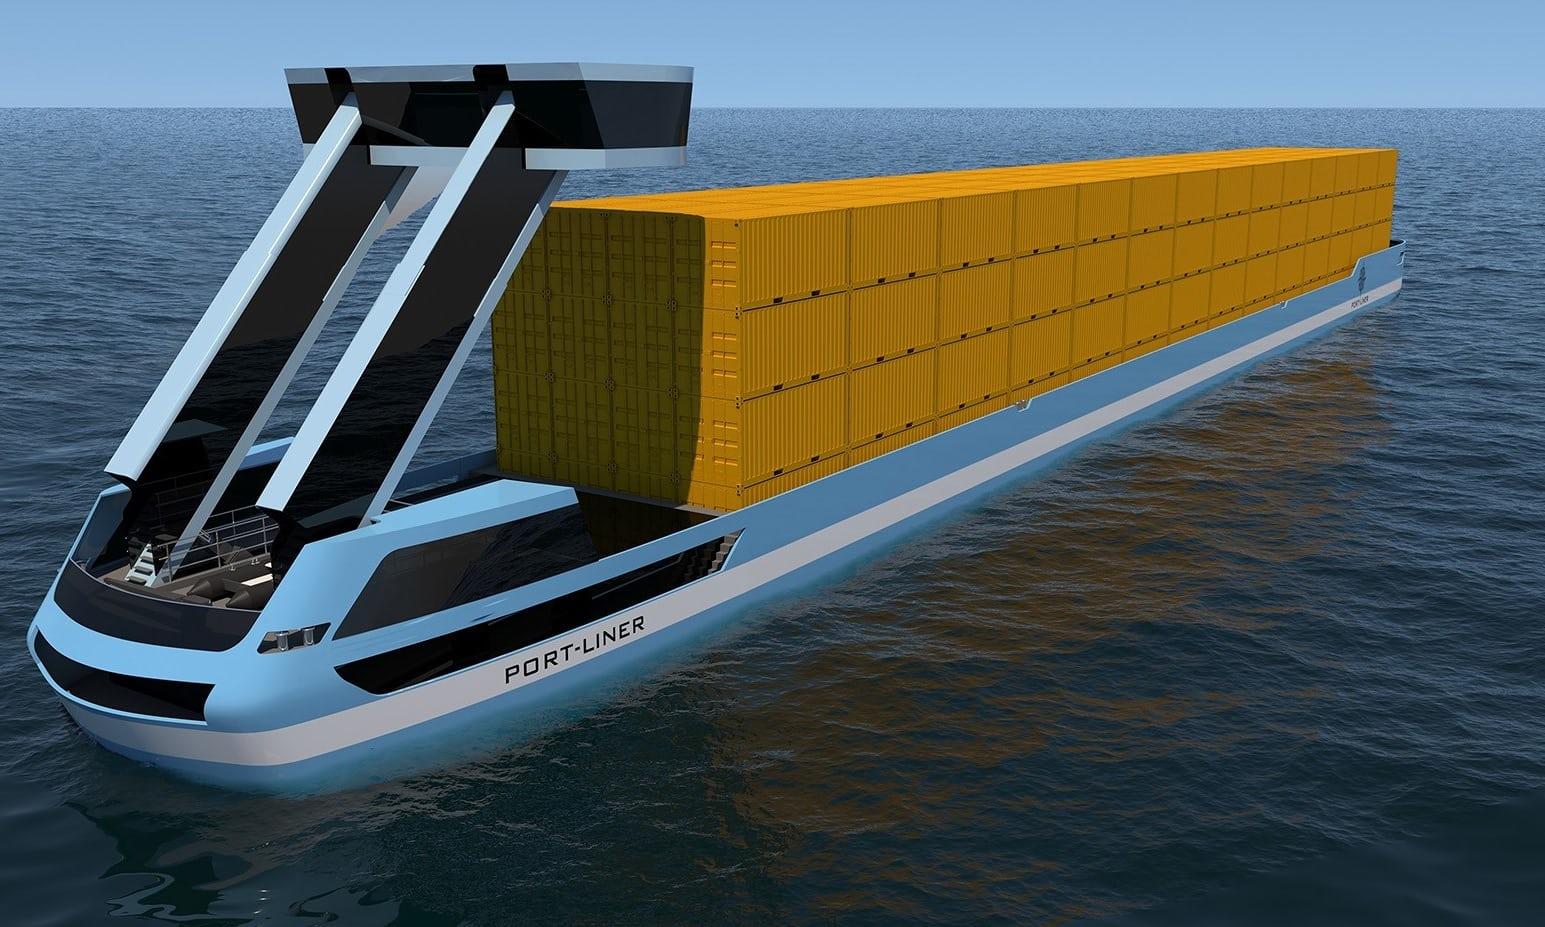 Portliner Barge